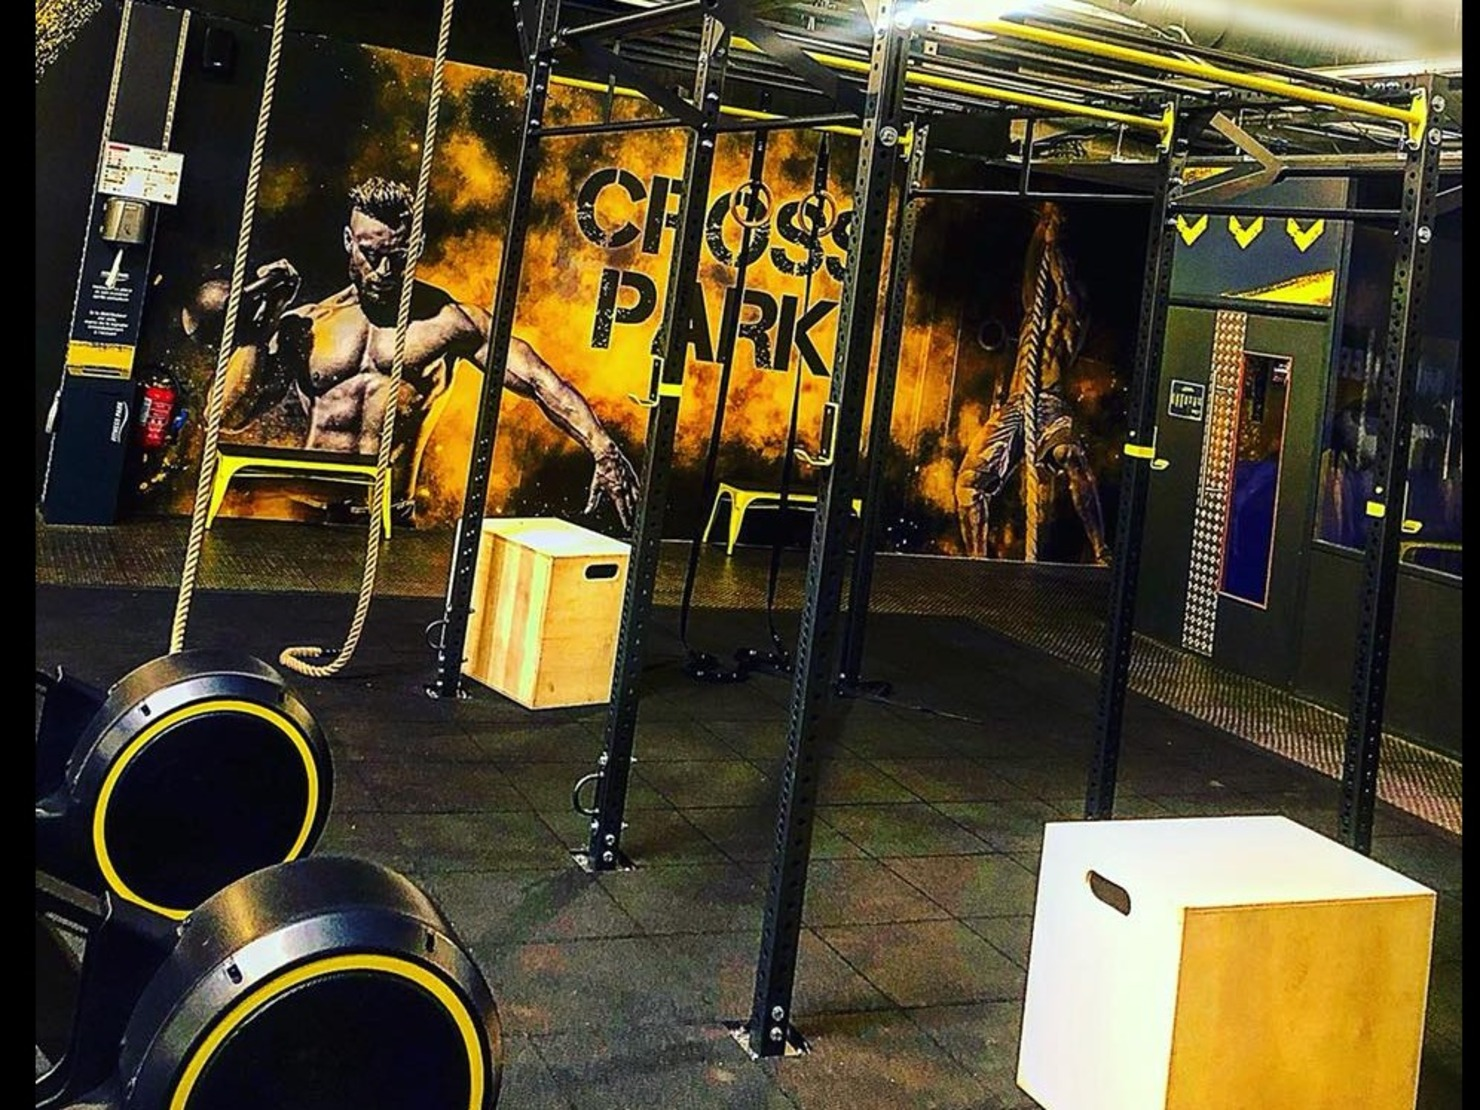 Fitness Park Les Ulis-0